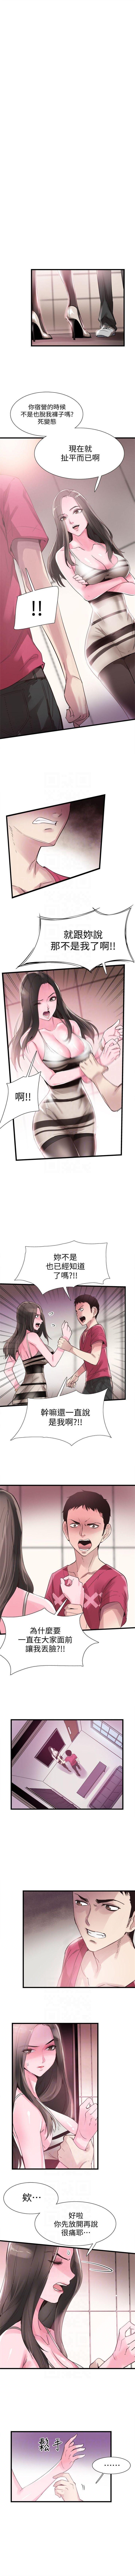 (週7)校園live秀 1-50 中文翻譯(更新中) 86